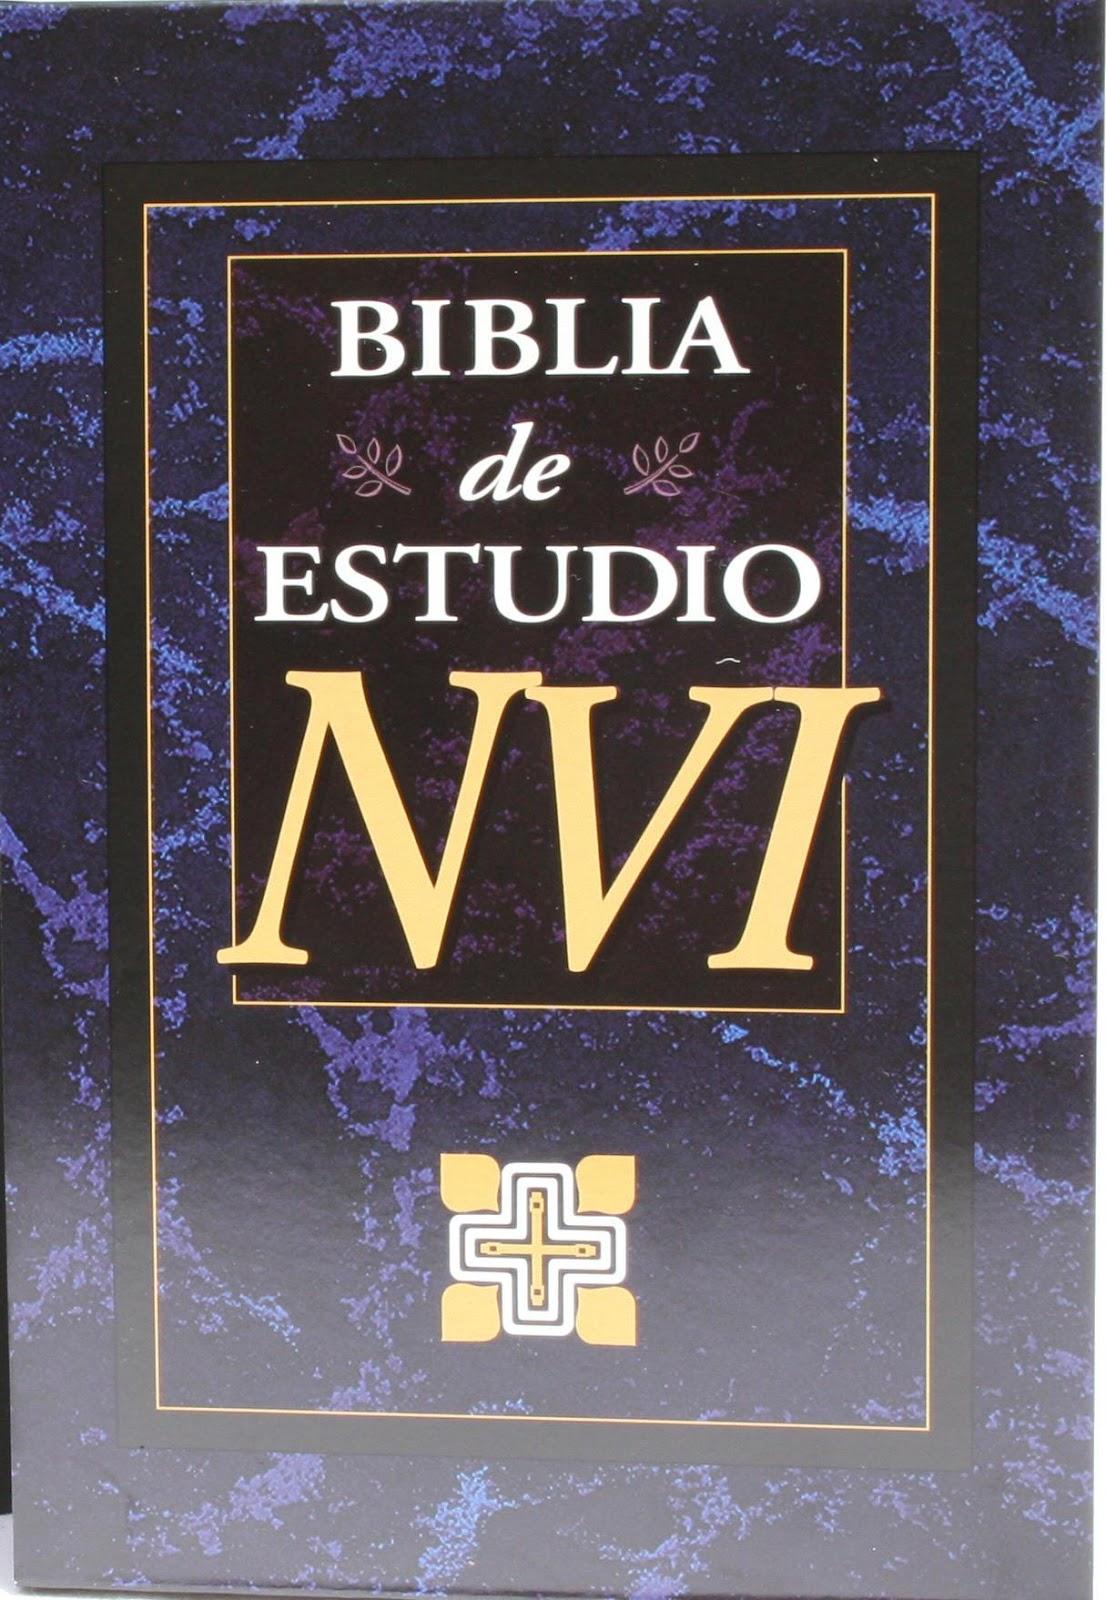 Matrimonio Biblia Nvi : Doctrina y estudios biblicos los errores de la biblia nvi